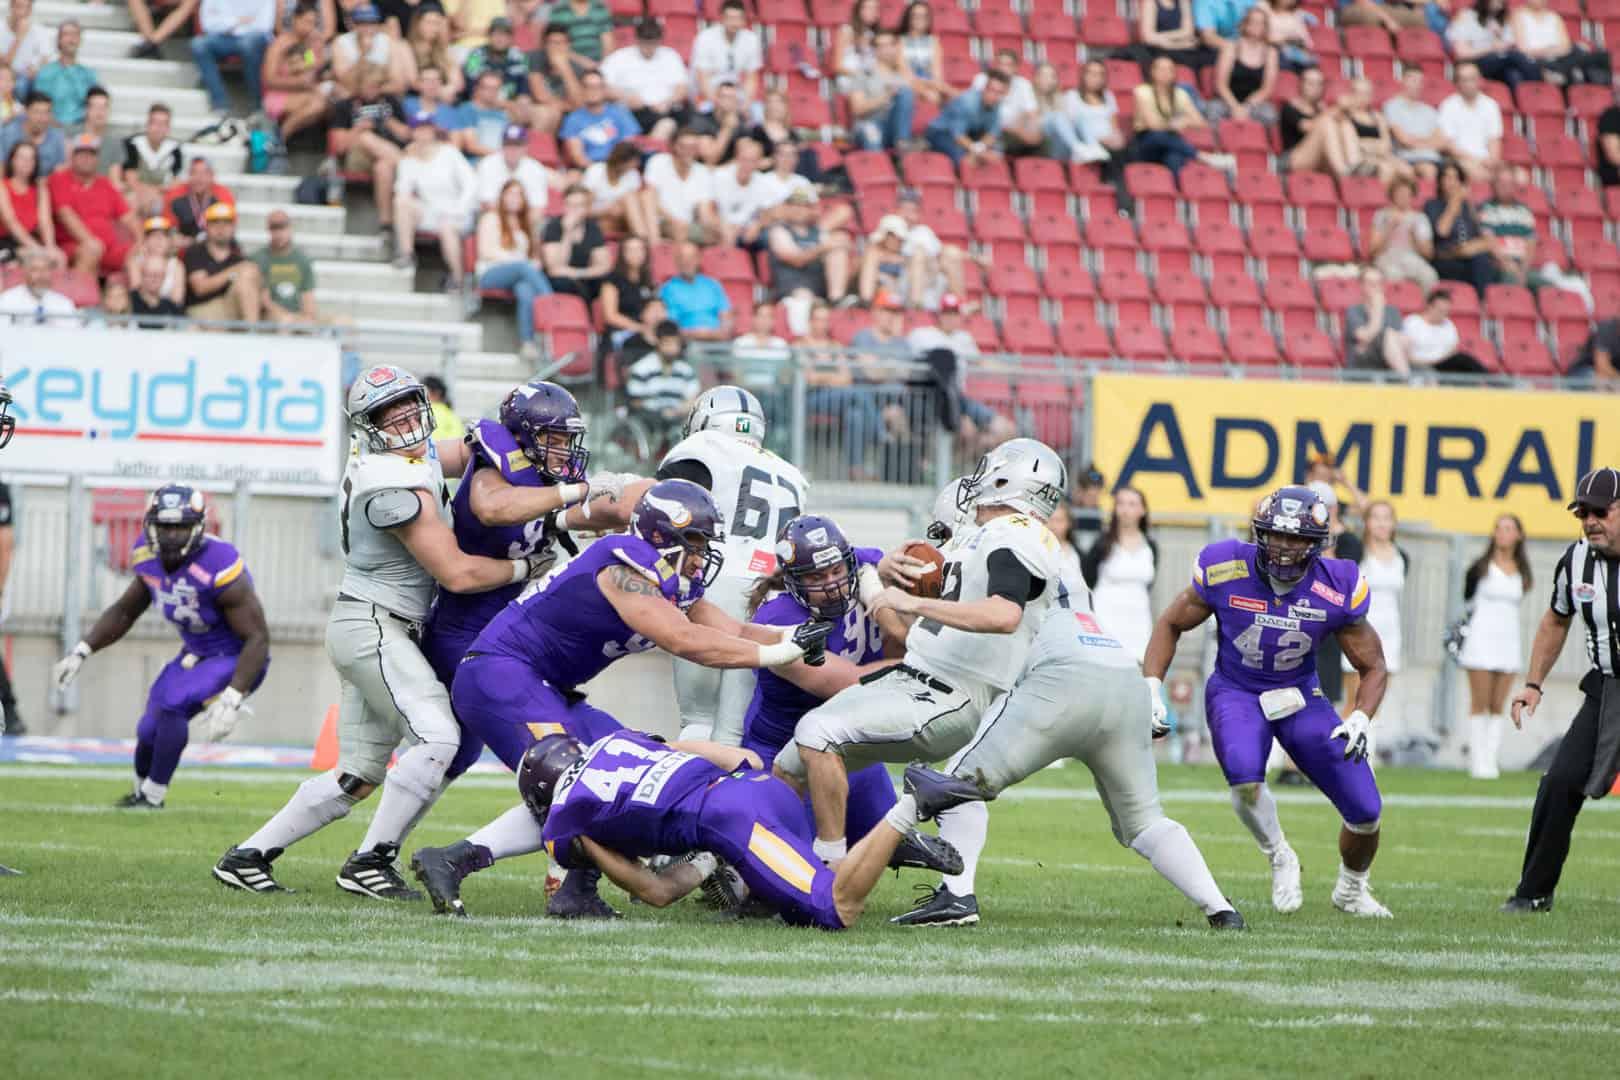 Dacia Vikings vs. Swarco Raiders Foto ©Andreas Bischof